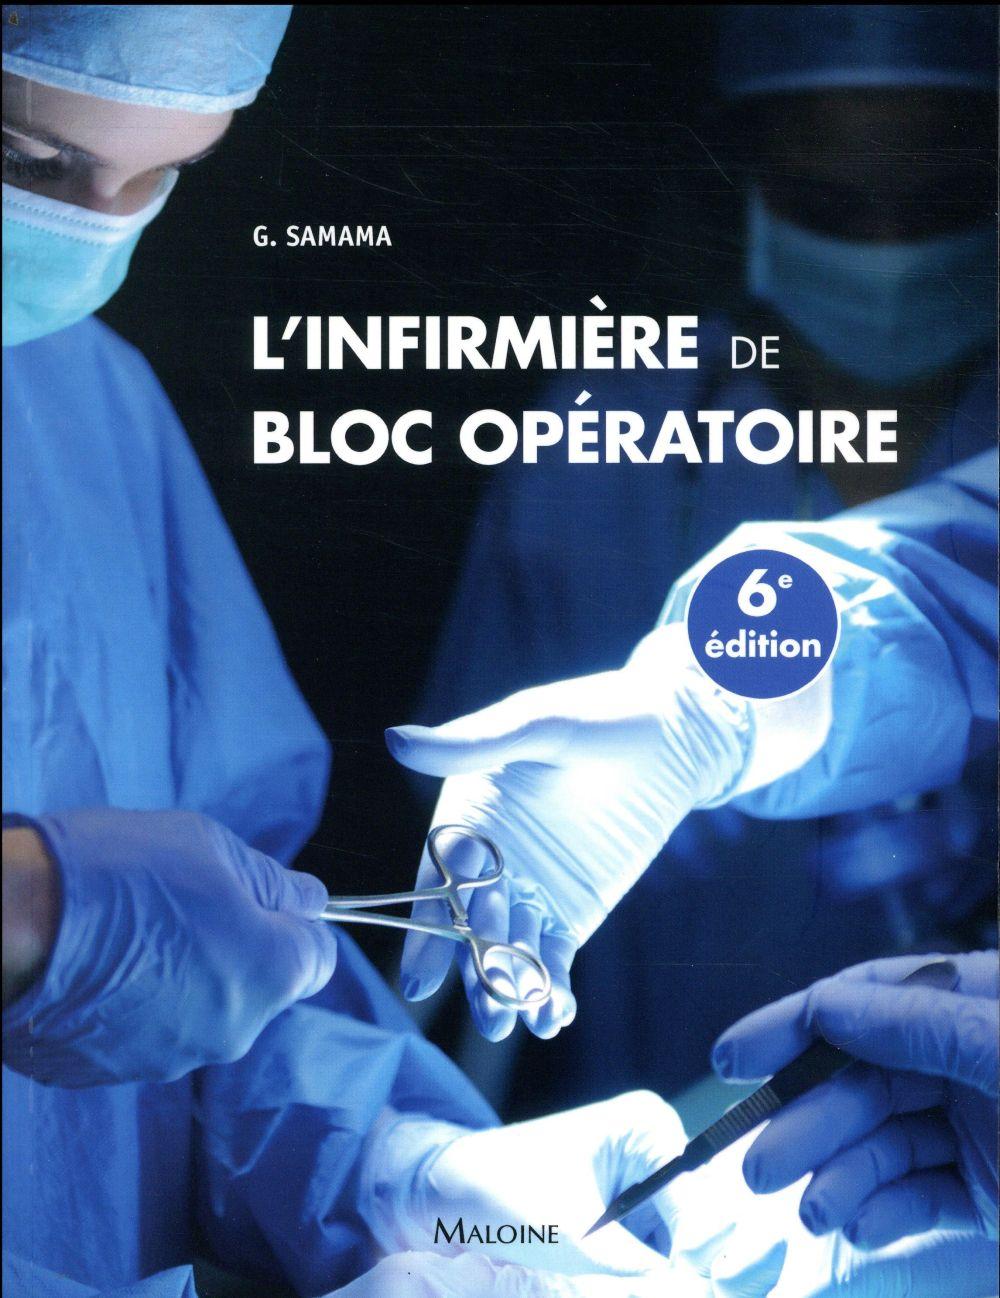 L'infirmière de bloc opératoire (6e édition)